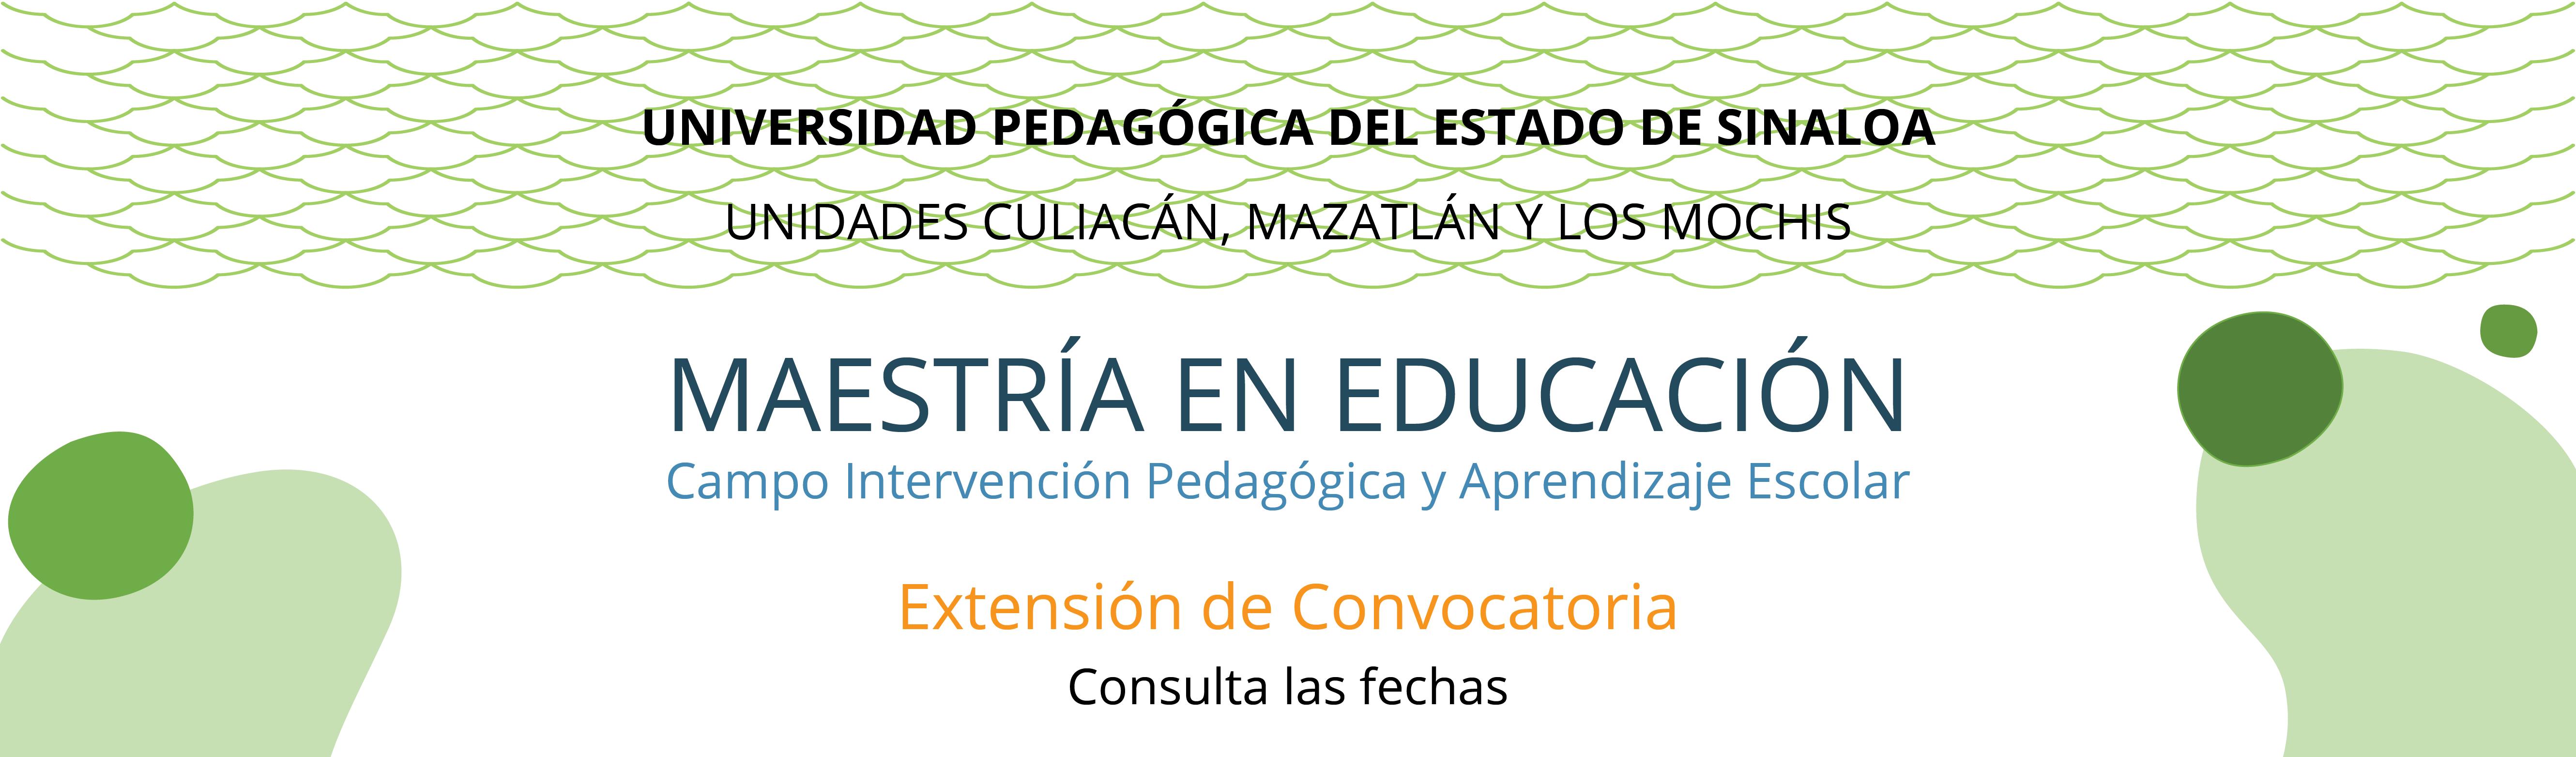 Calendario_Maestria_en_Educacion_banner_web